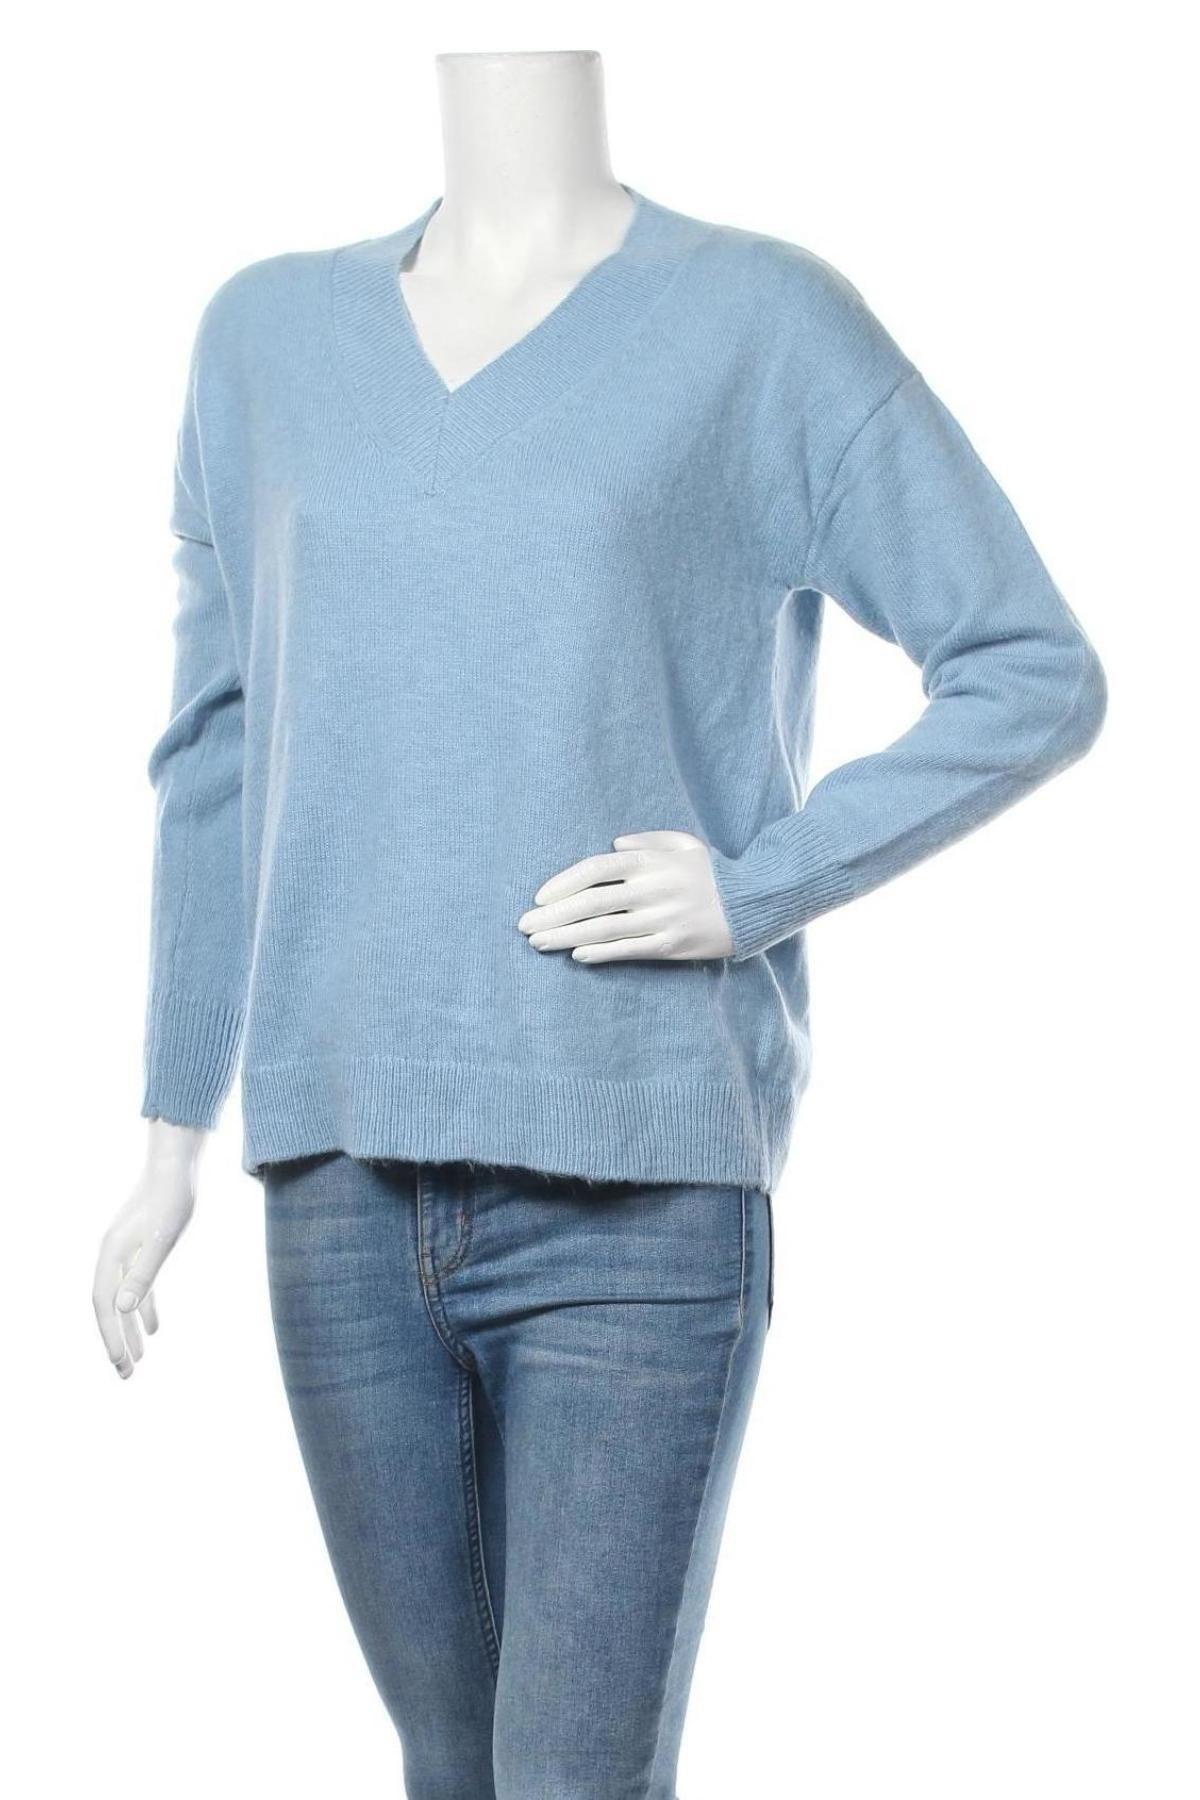 Γυναικείο πουλόβερ Massimo Dutti, Μέγεθος M, Χρώμα Μπλέ, 49% πολυαμίδη, 24% μαλλί, 17%ακρυλικό, 10% μαλλί, Τιμή 36,34€